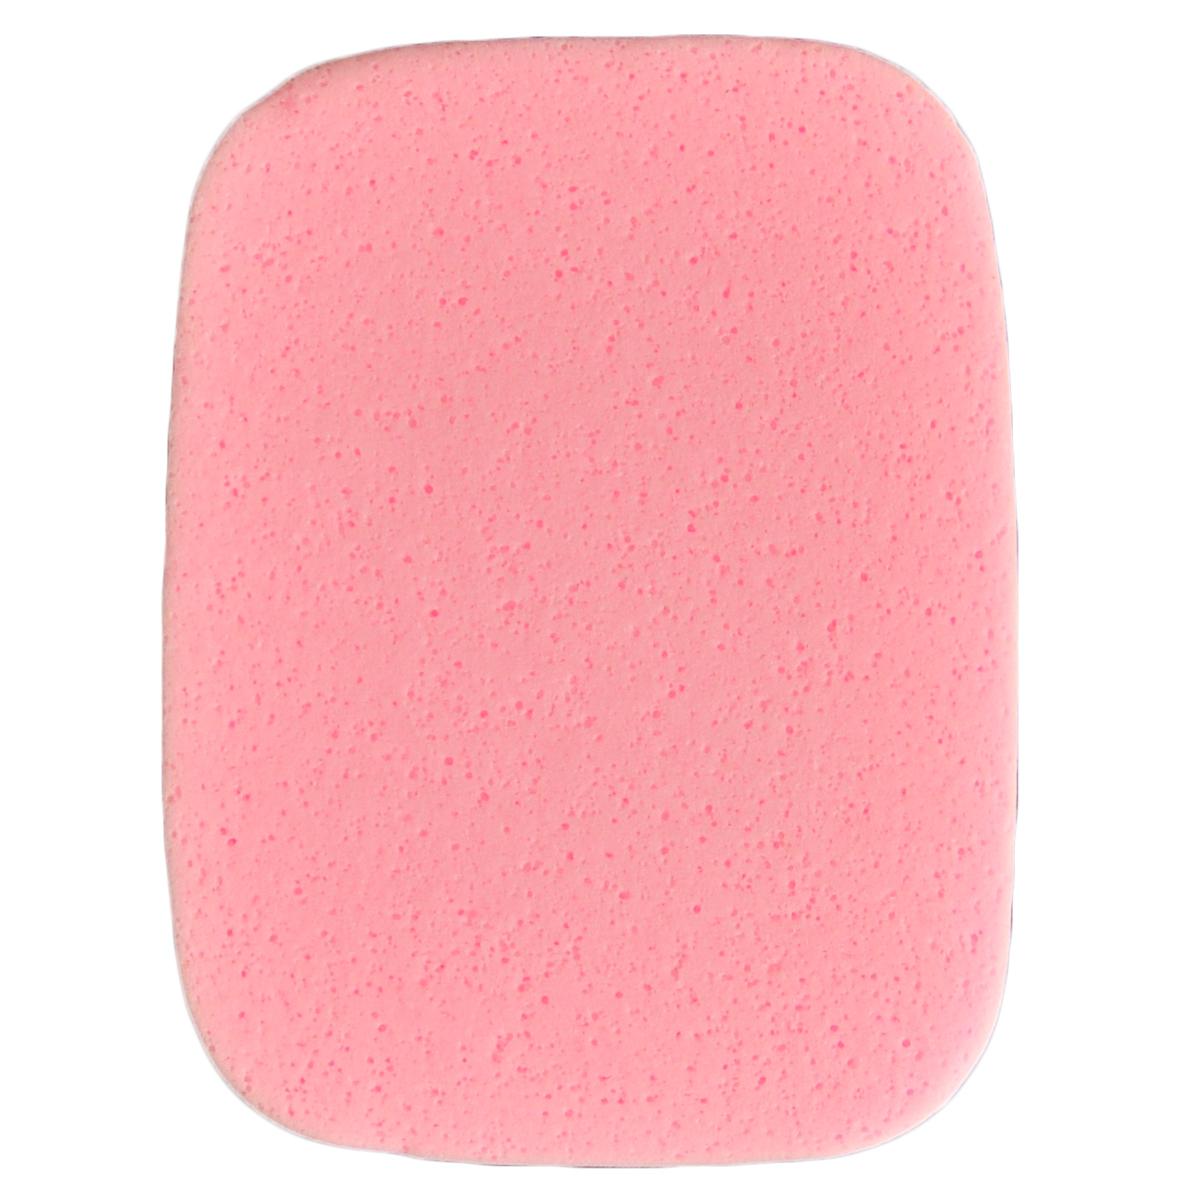 芬呢欧海藻按摩洗脸扑带收纳盒加厚细腻洁面扑洗脸海绵卸妆洗颜棉